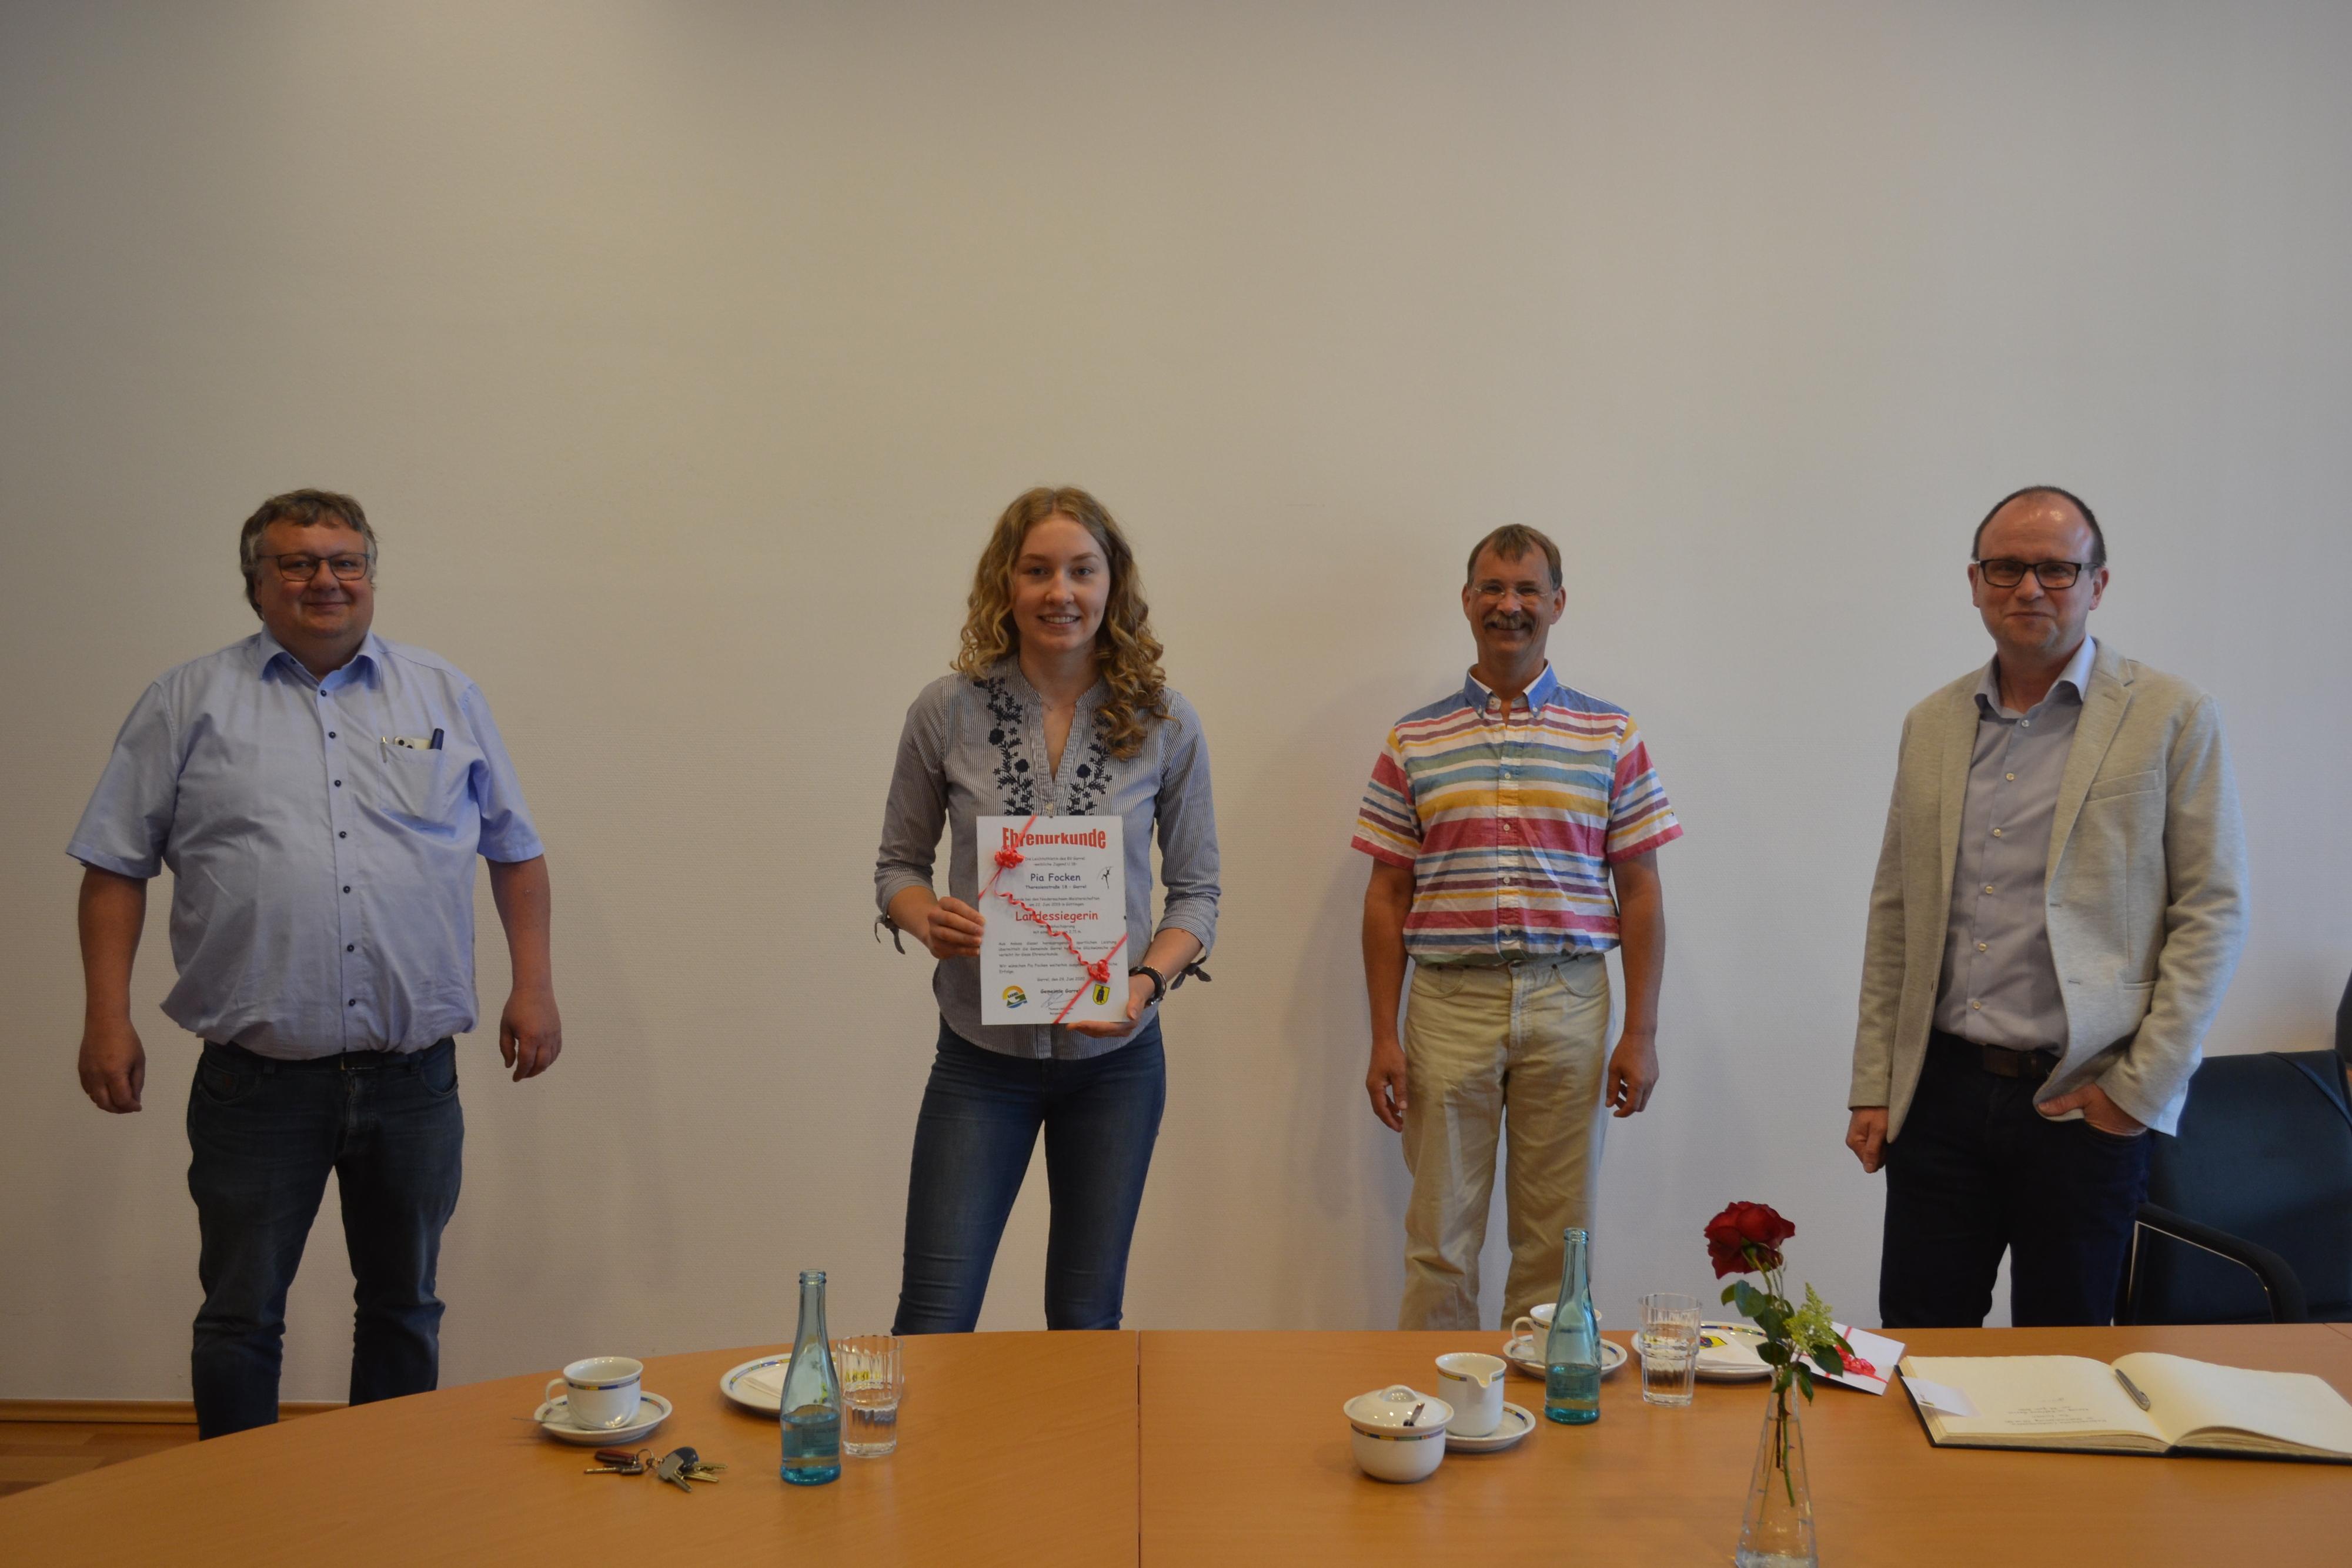 Verspätete Ehrung: Volker Hermann (links), Dr. Steffen Kosian (Dritter von links) und Thomas Höffmann (rechts) freuen sich mit Pia Focken über ihren Sieg bei der Landesmeisterschaft. Foto: Schrimper